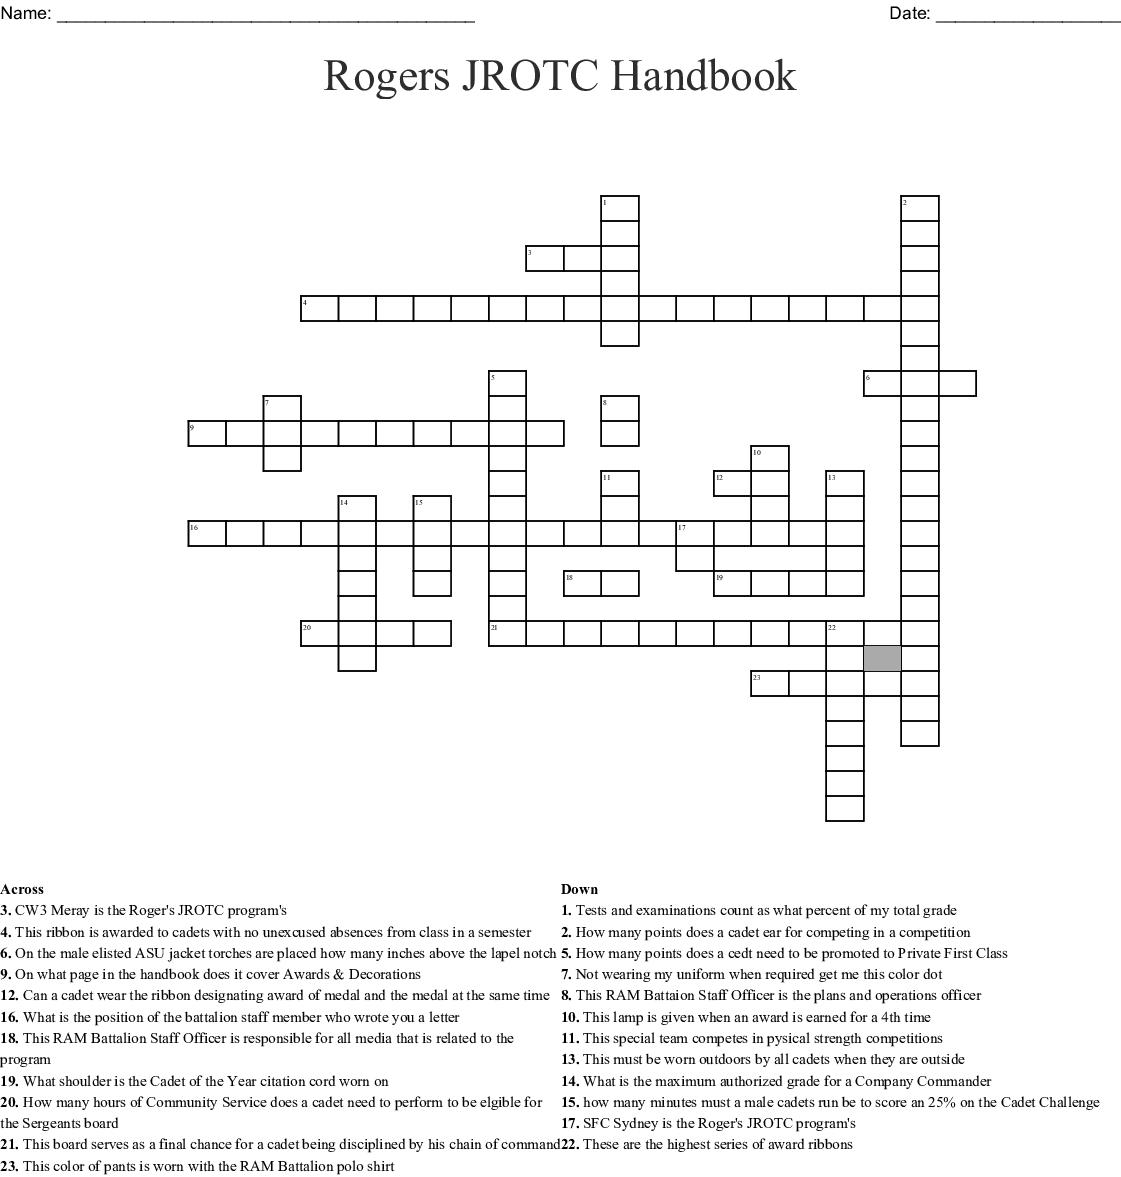 Rogers Jrotc Handbook Crossword